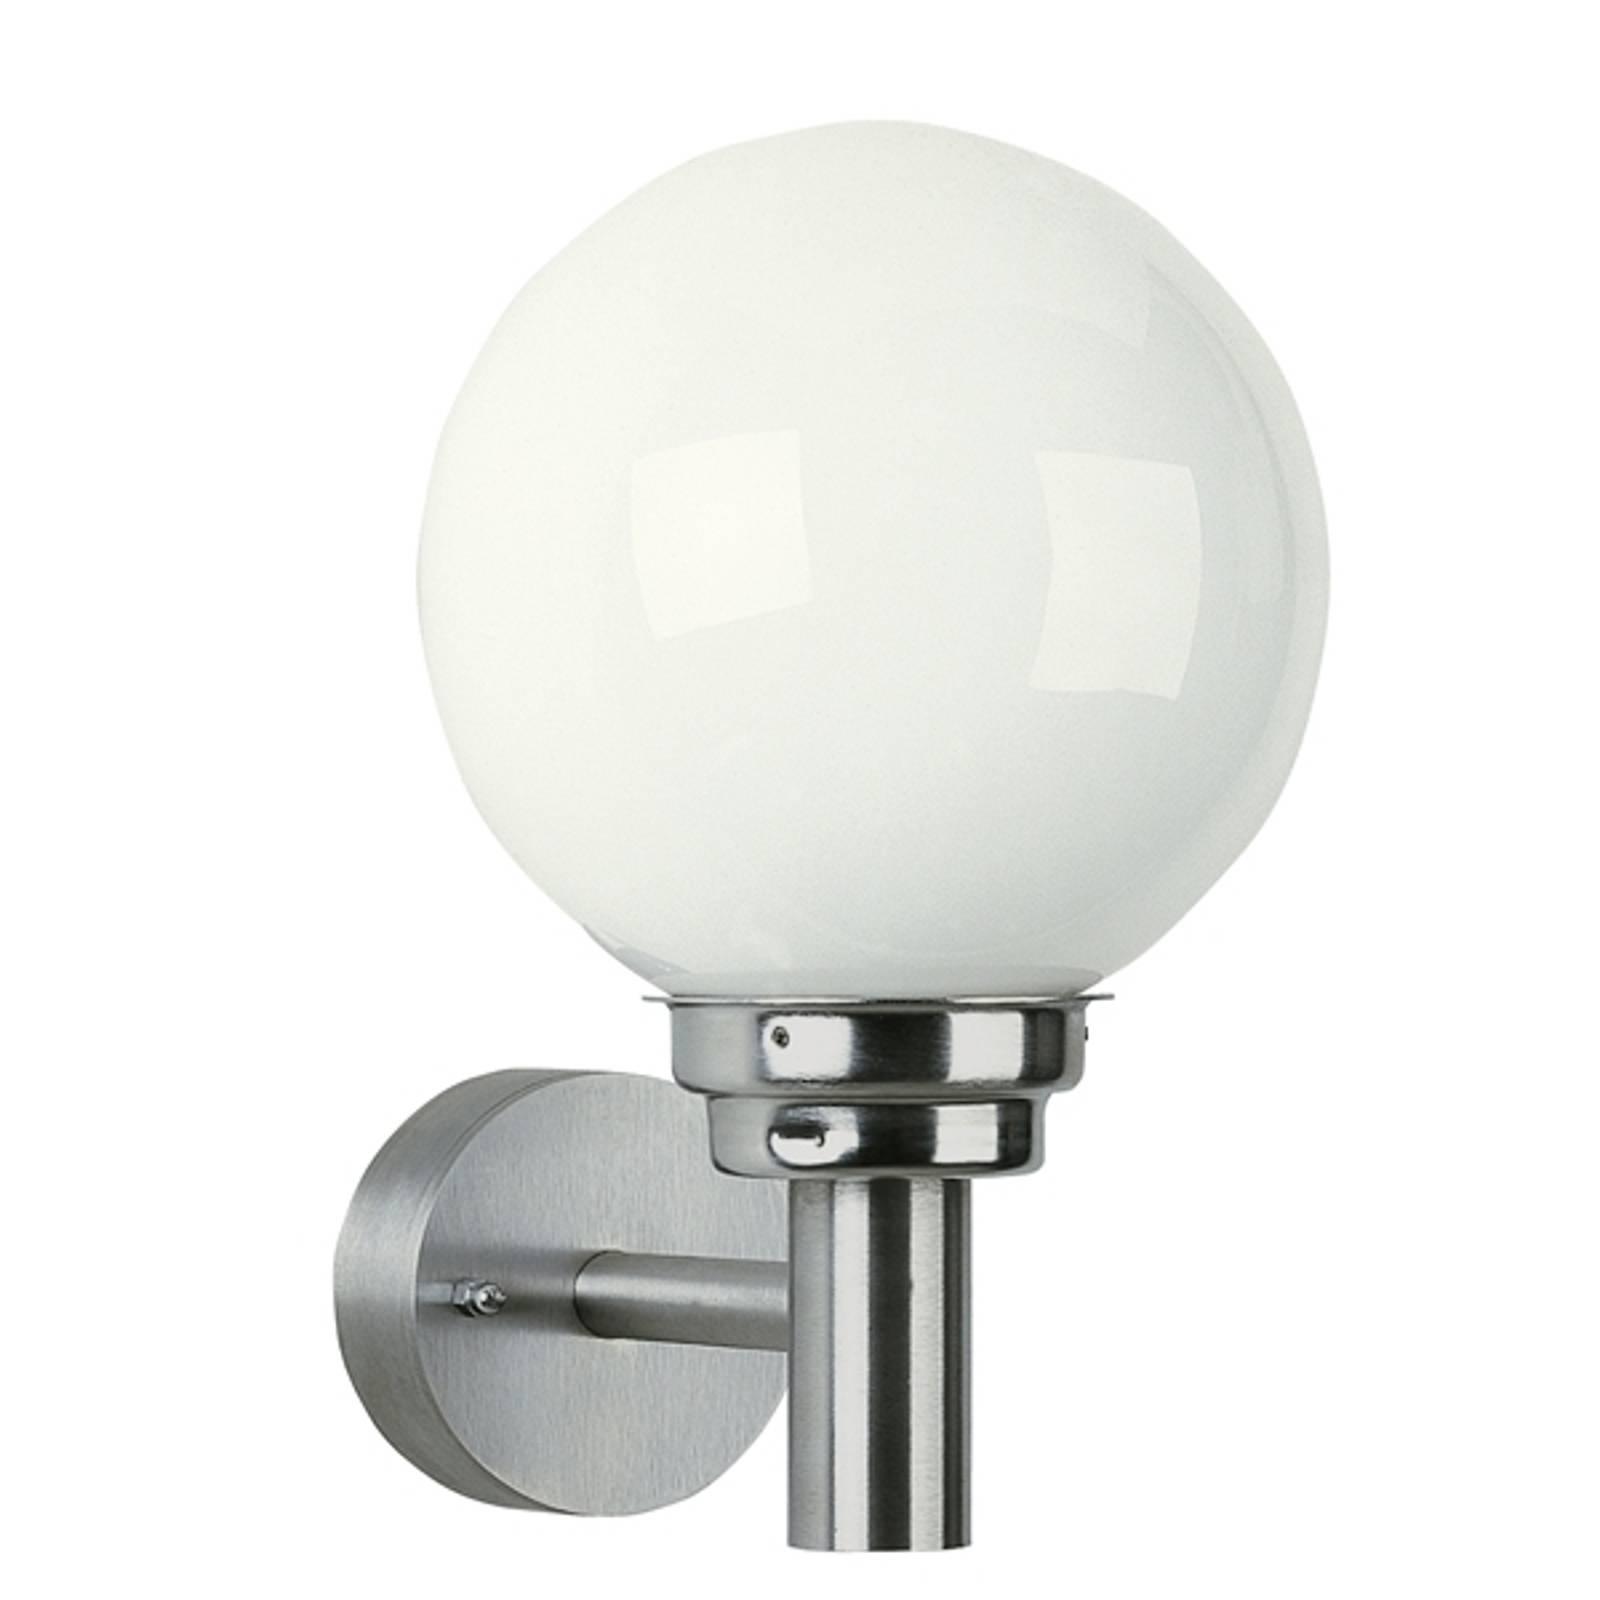 Kulista zewnętrzna lampa ścienna 155